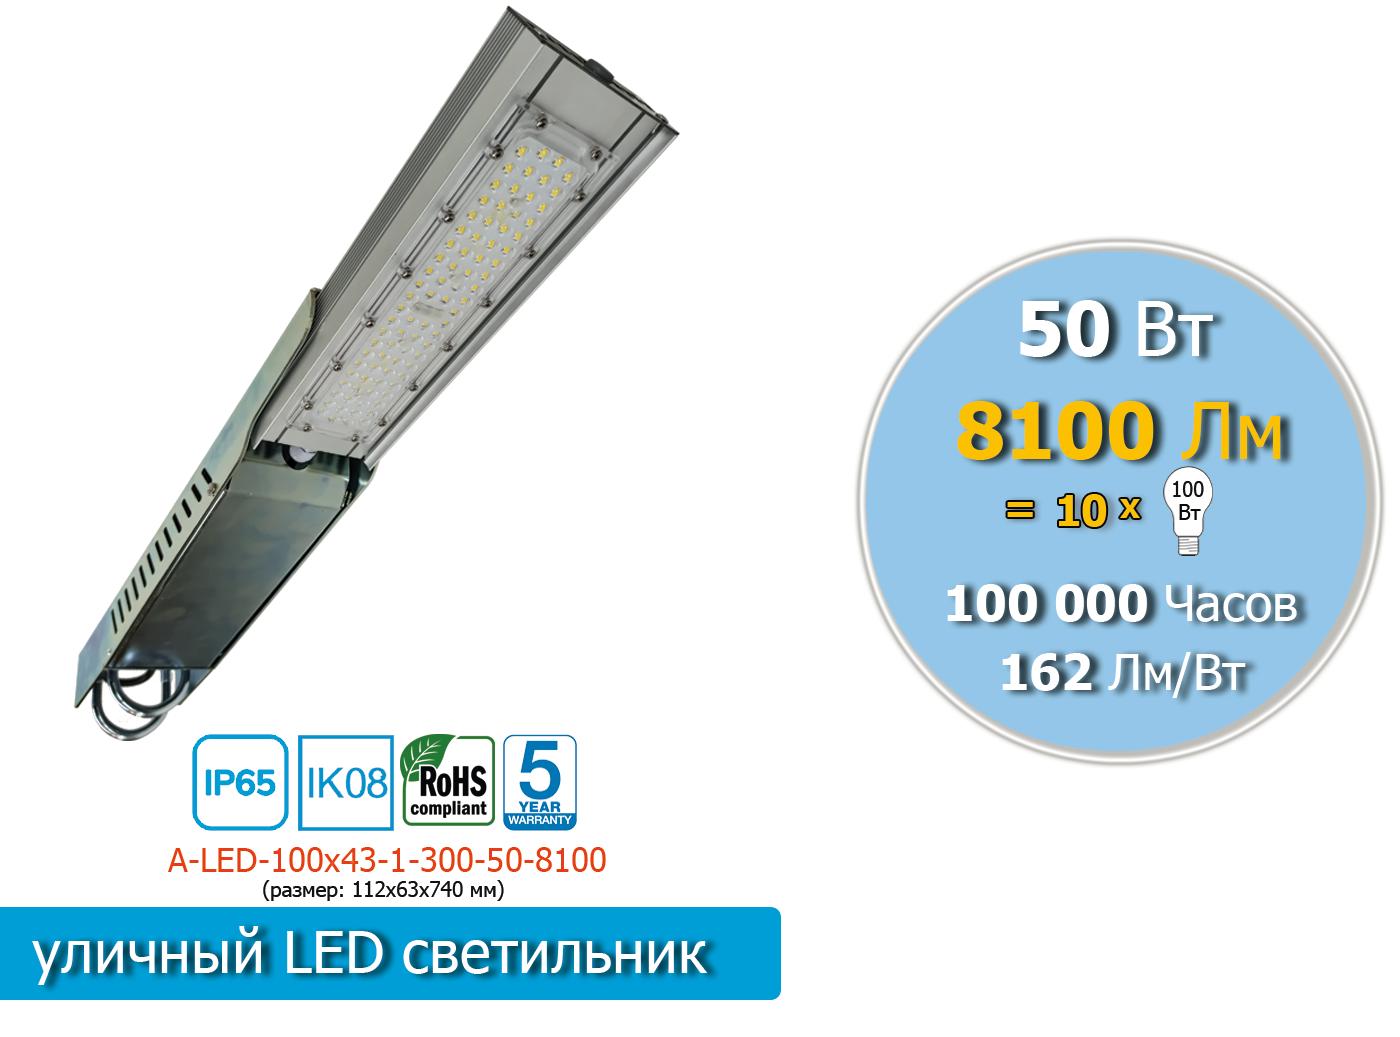 A-LED-100x43-1-300-50-8100